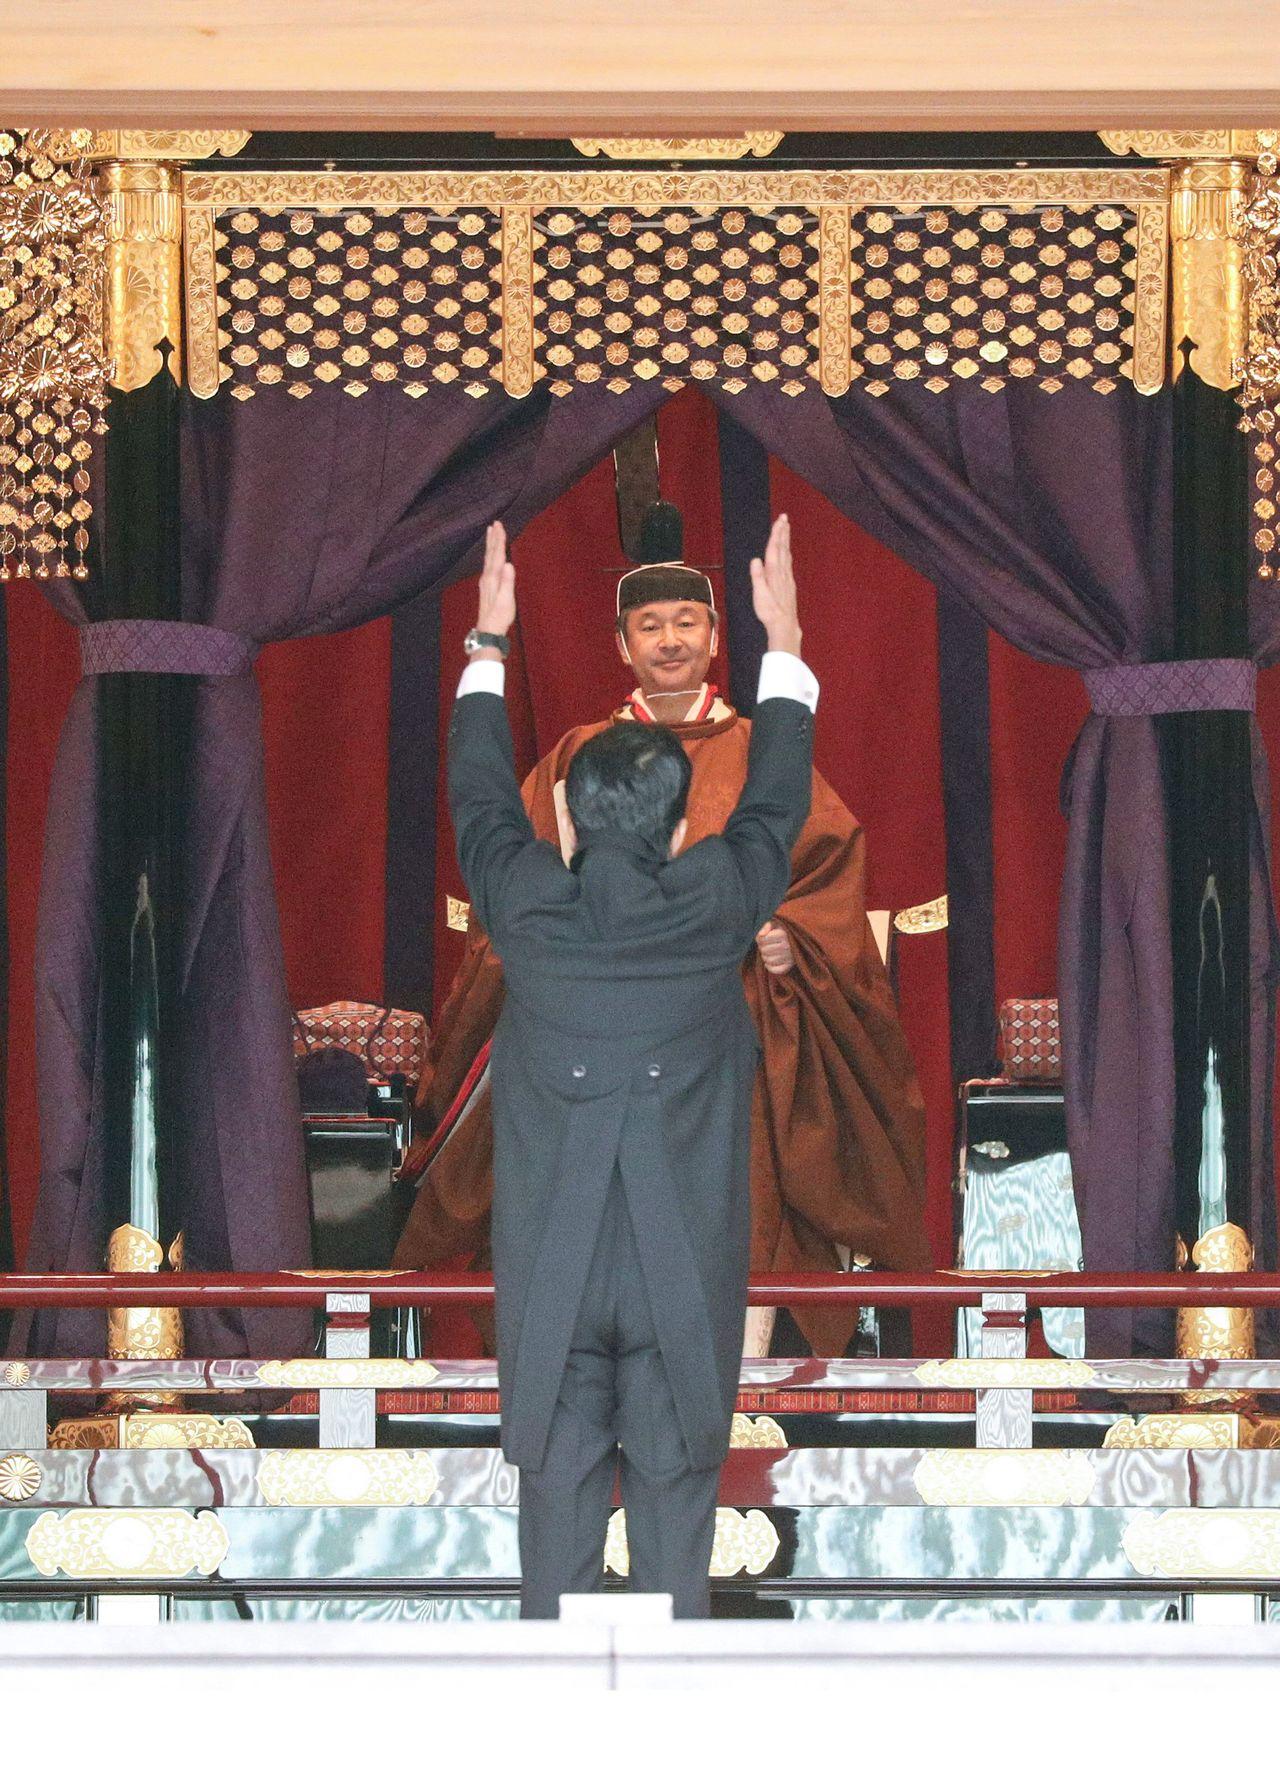 Премьер-министр Абэ Синдзо возглашает «Бандзай!» после своей поздравительной речи (© Jiji)